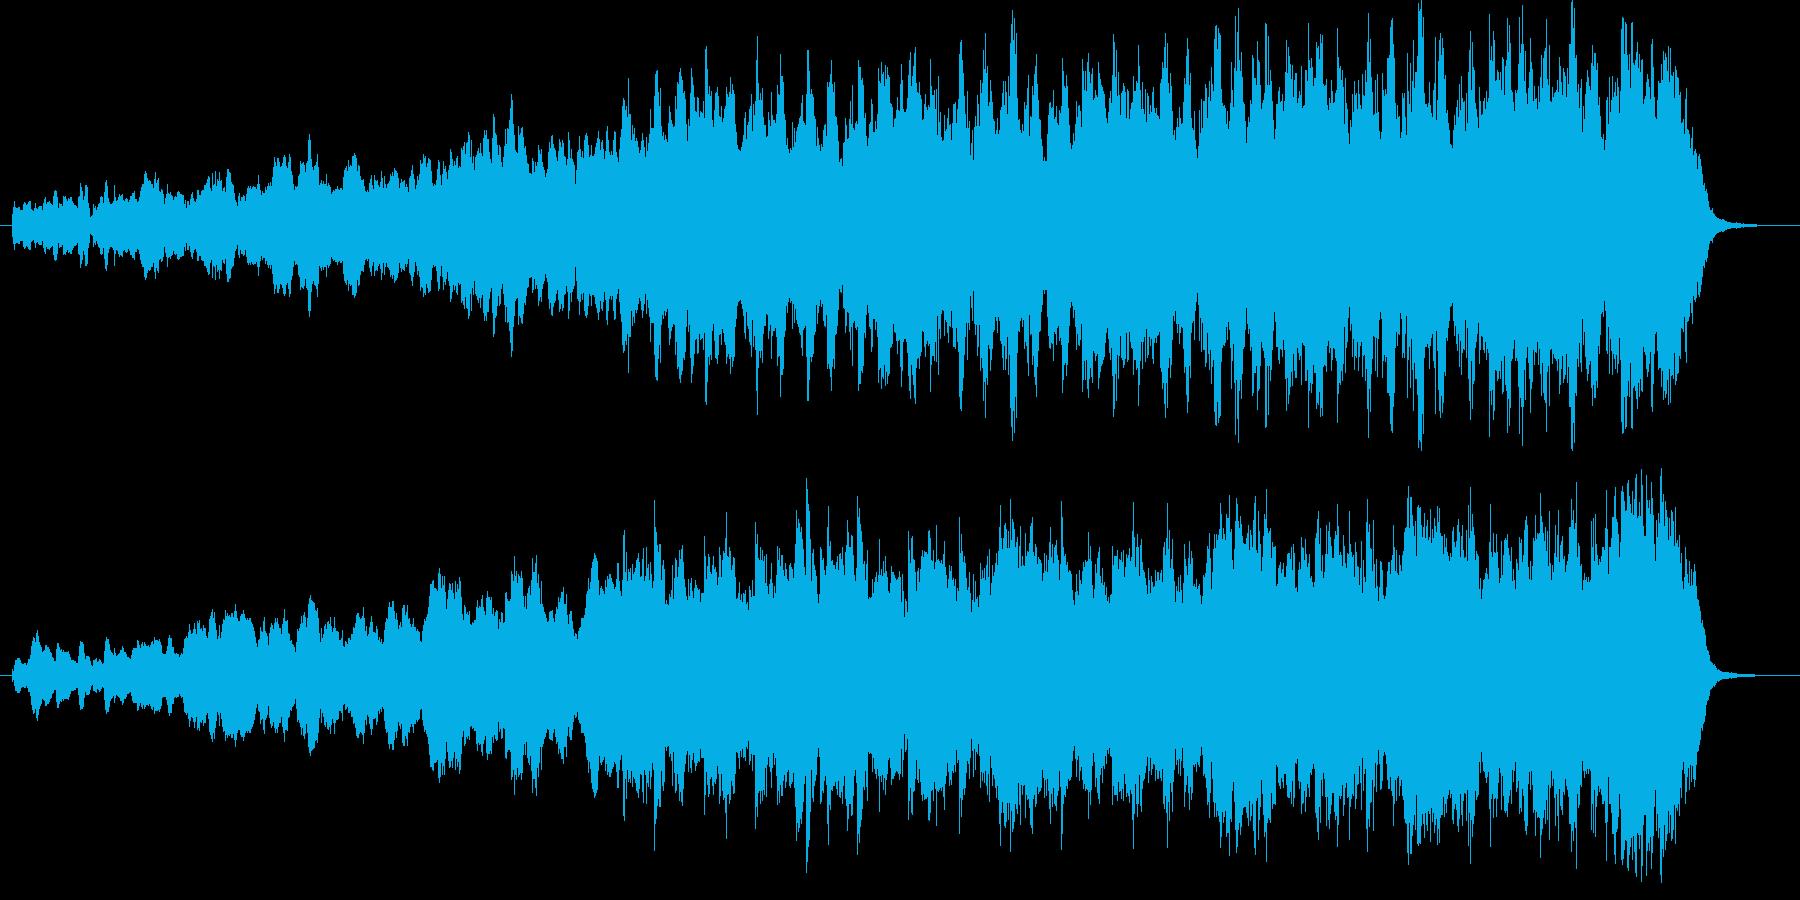 変拍子の森、村っぽい音楽の再生済みの波形